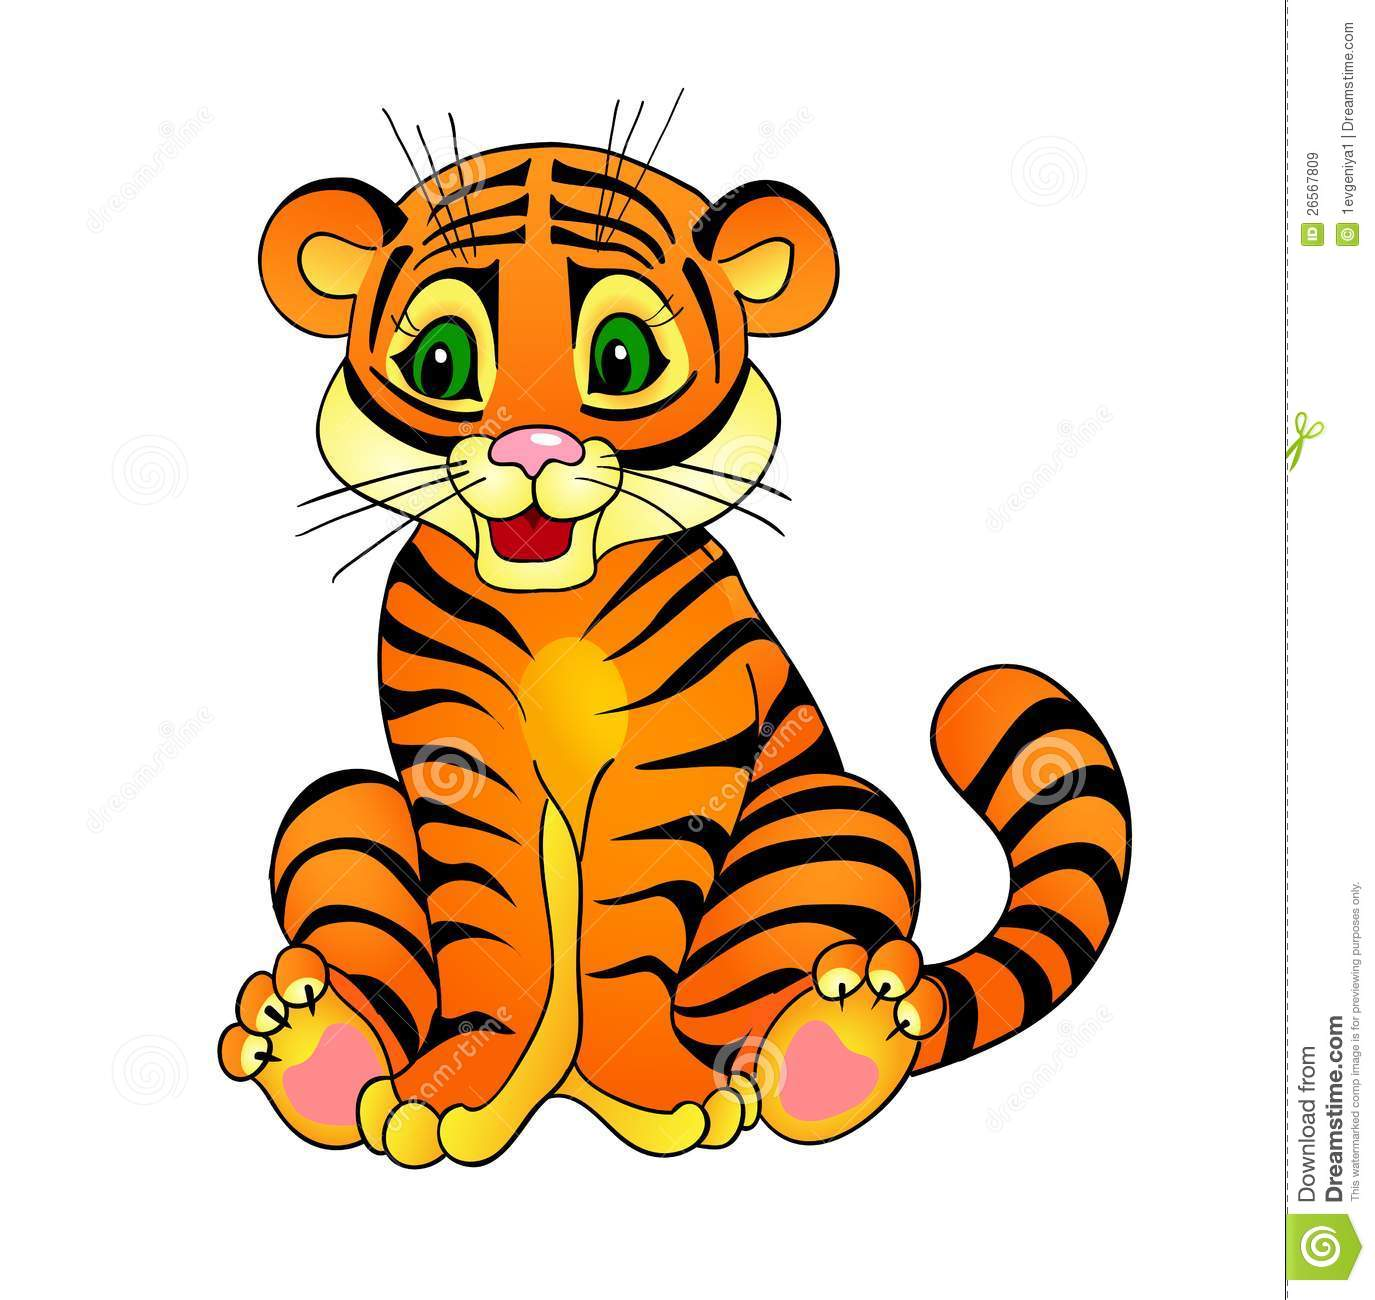 Desenhos Animados Do Tigre Ilustração Do Vetor  Imagem De Cheerful